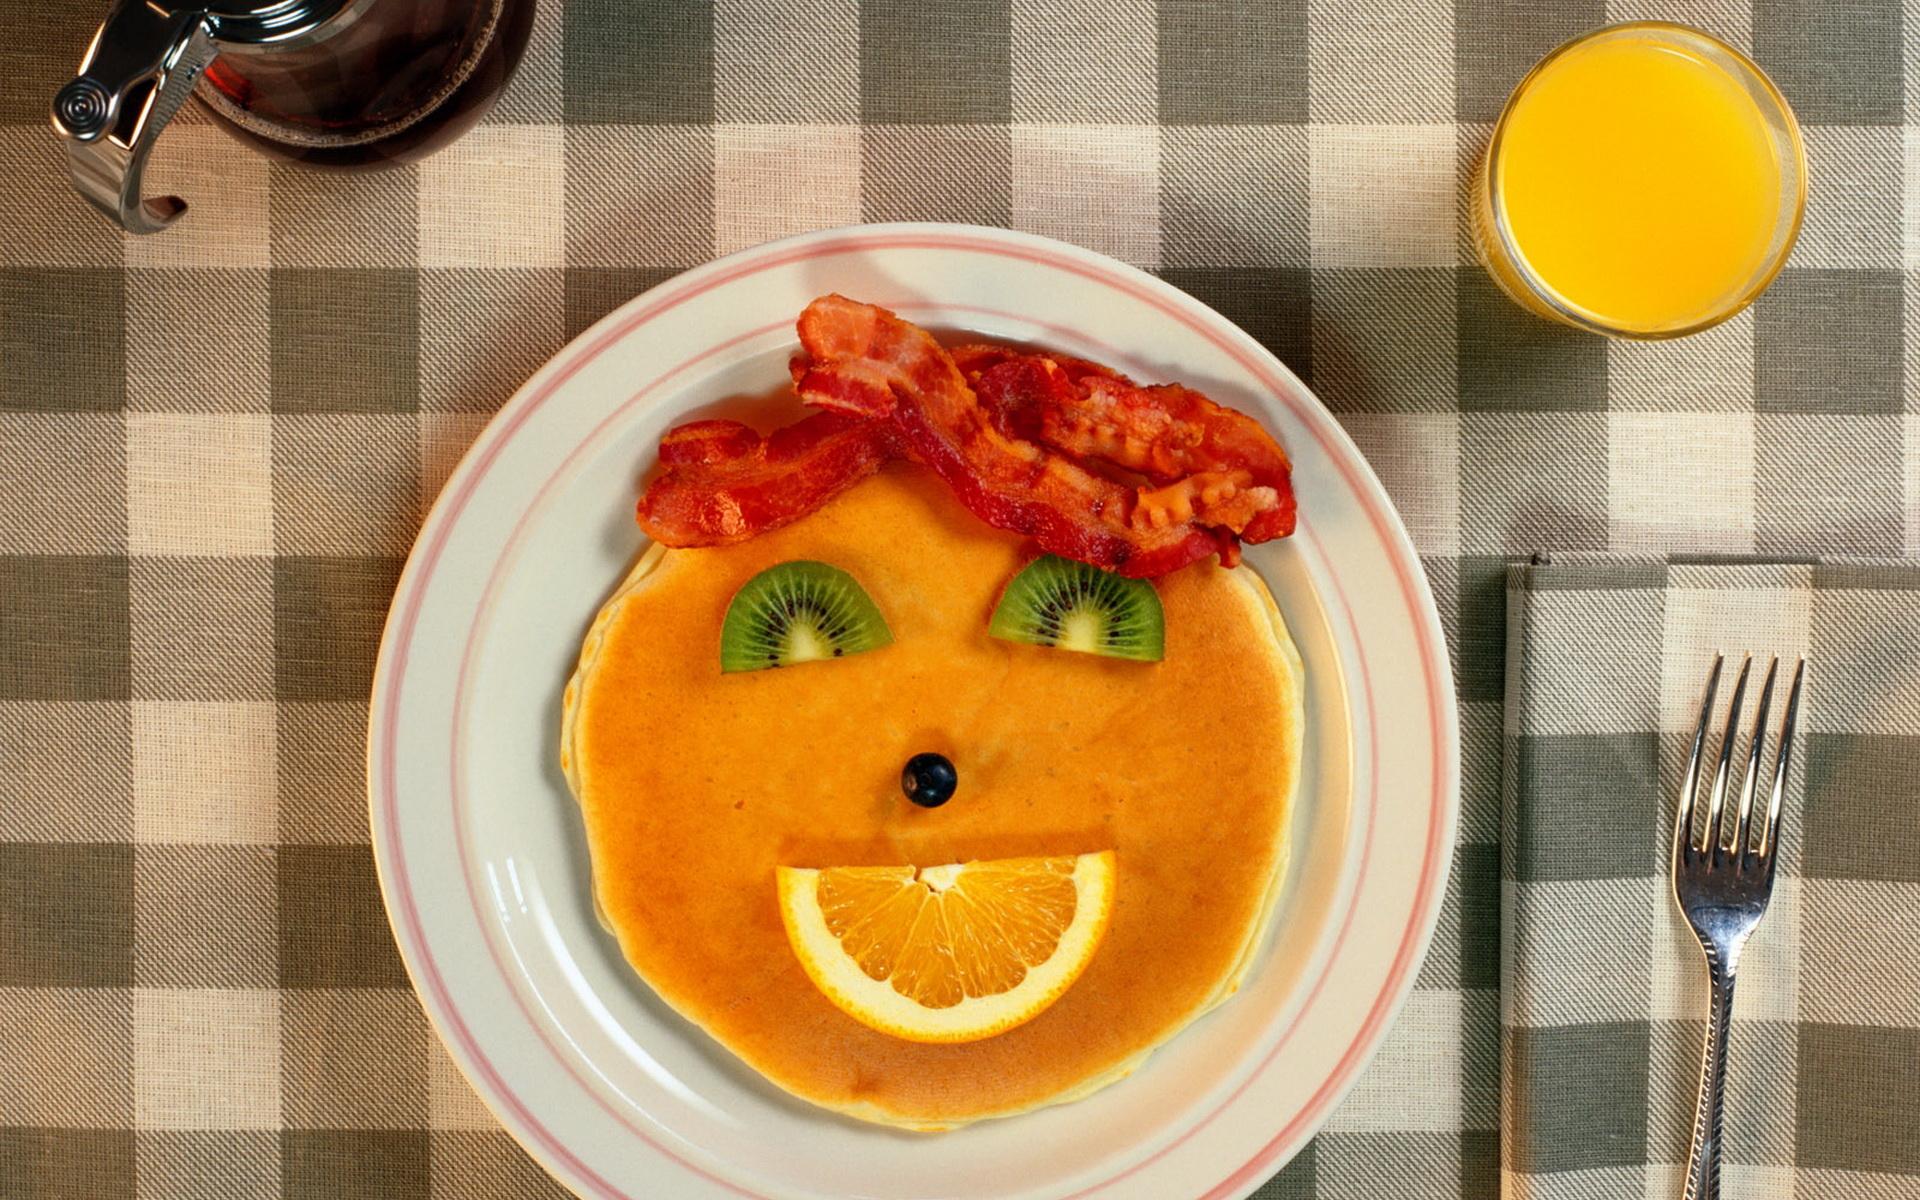 картинки с красивой прикольной едой время карнавала люди